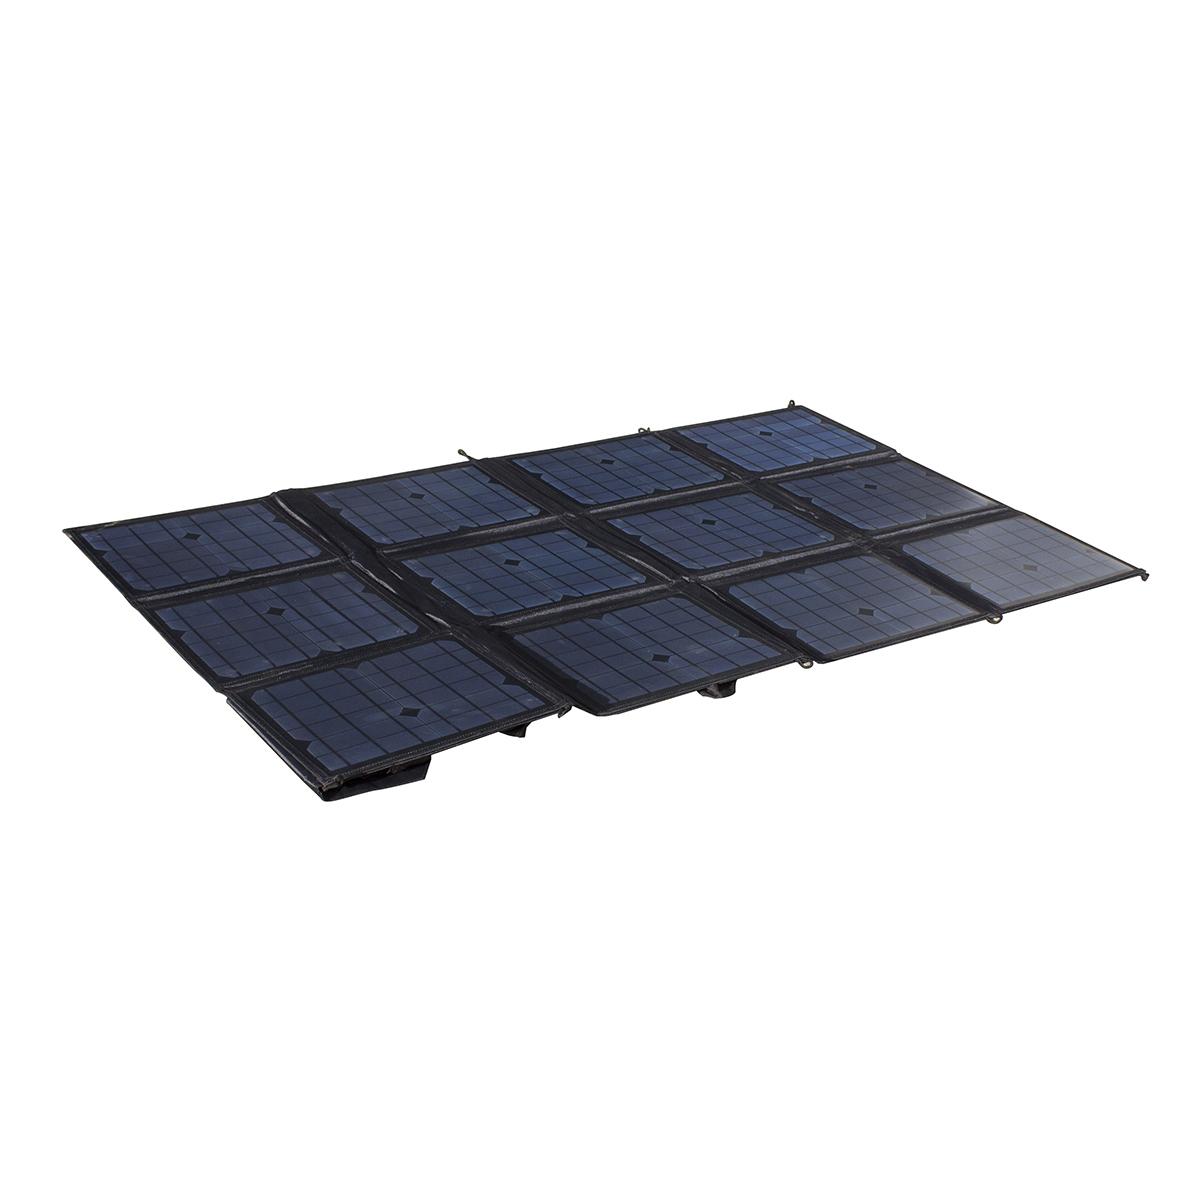 150 Watt 12v Portable Solar Folding Blanket Kt Cables